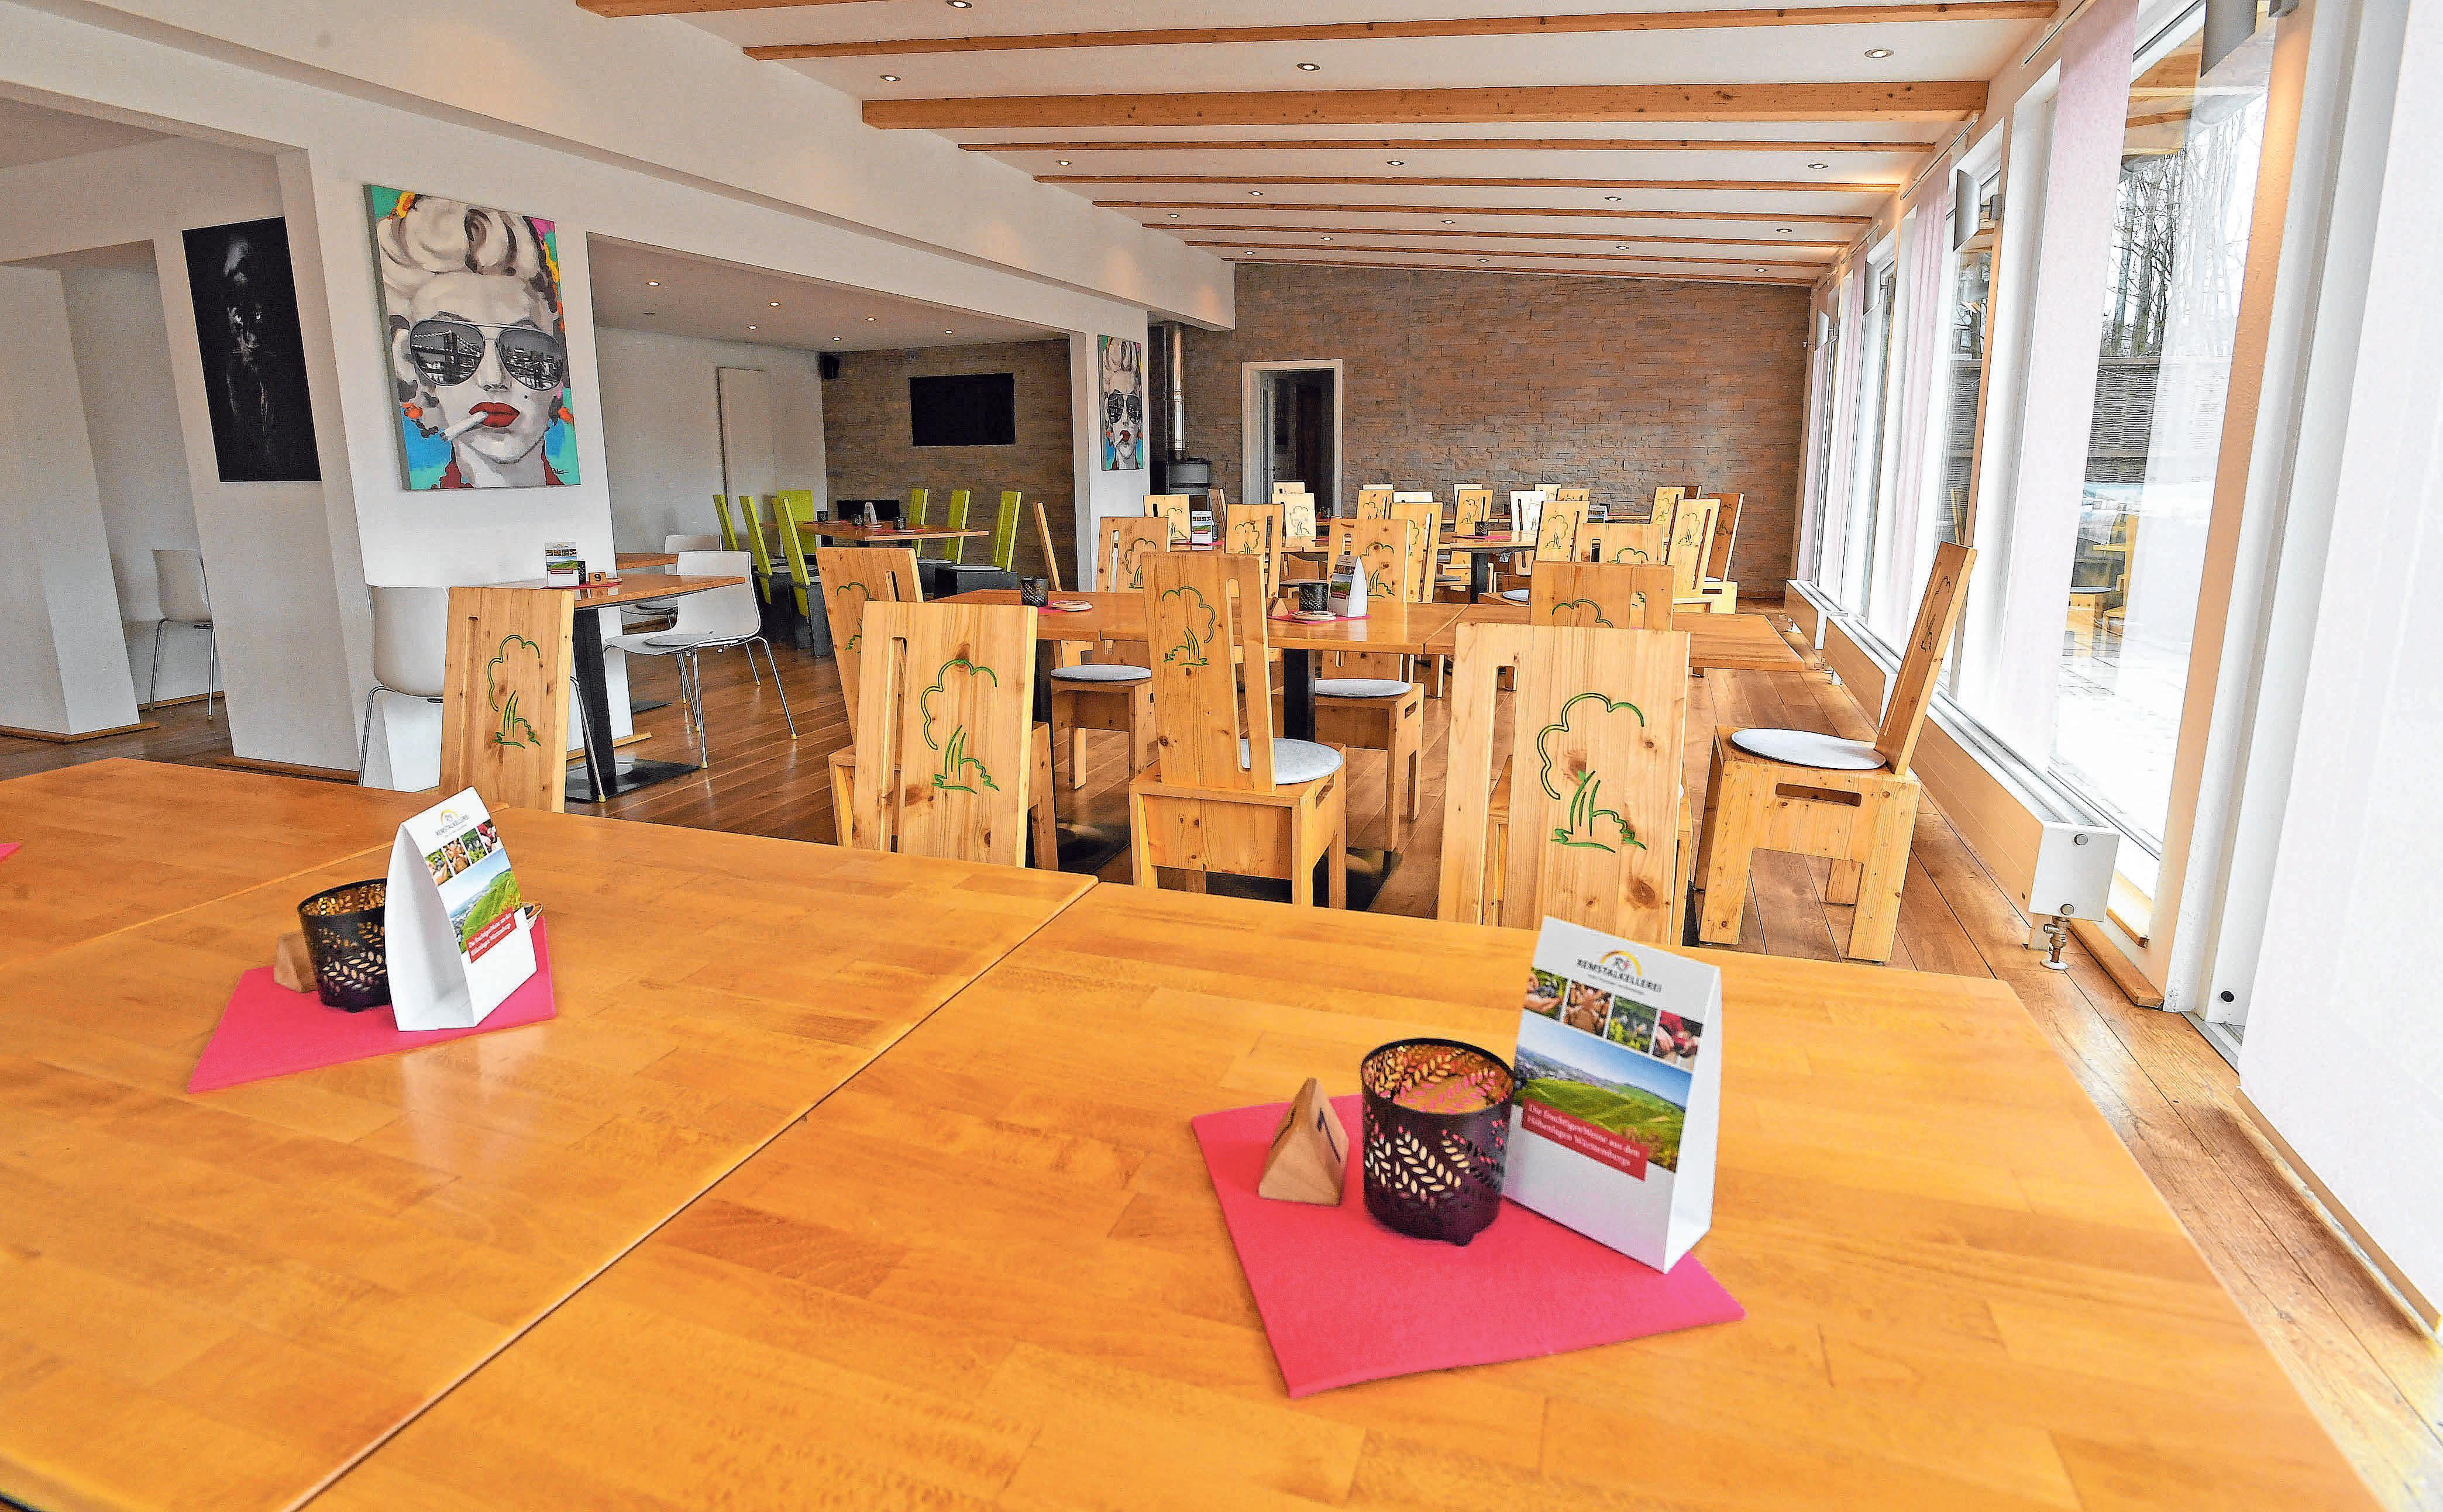 Einladend im Restaurant mit viel Holz.FOTOS (3): BERND BAUR